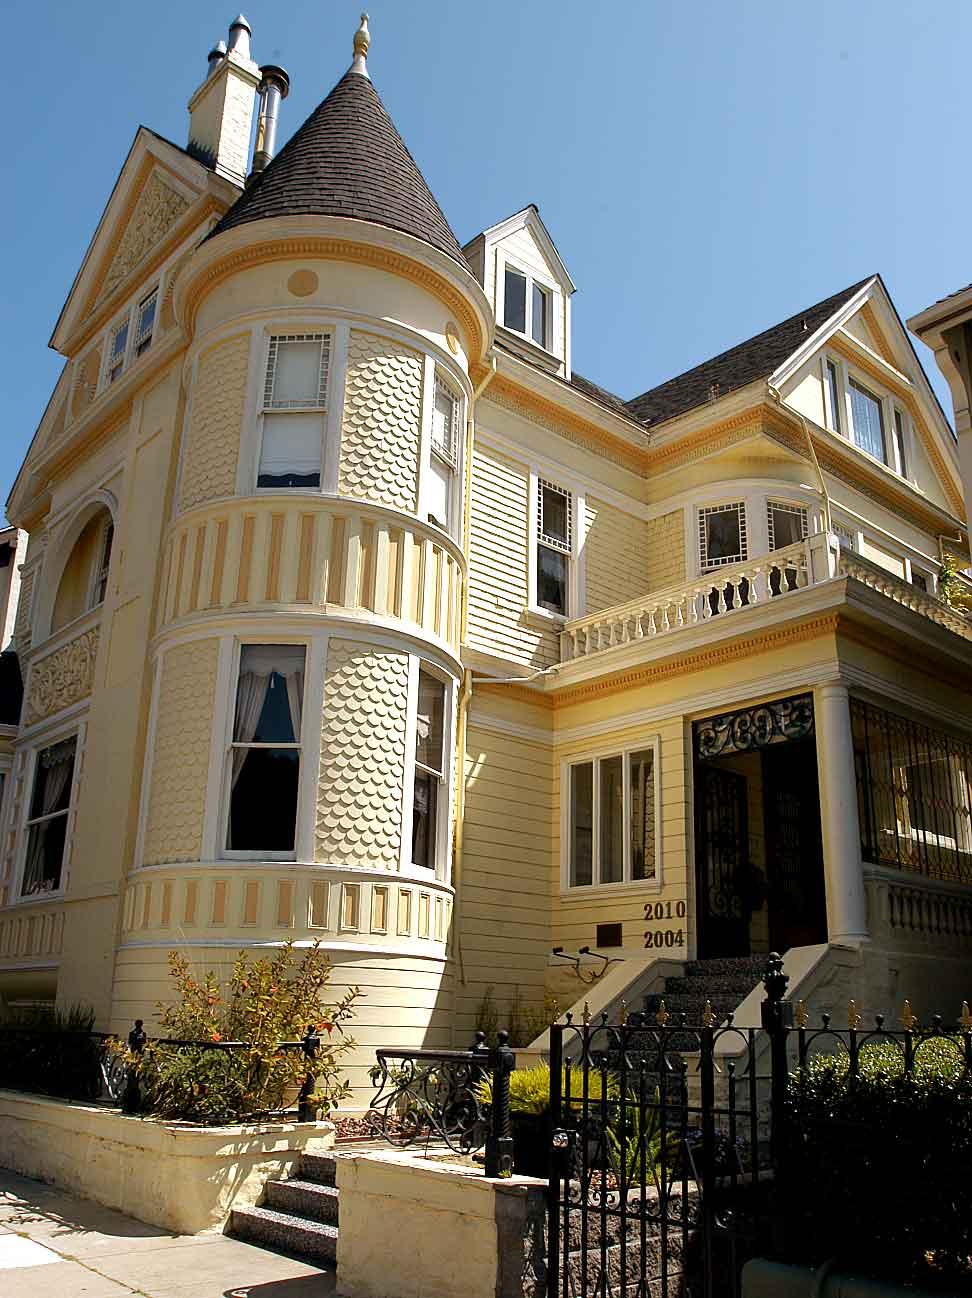 خانه های شیروانی زیبا -5 --- عکس های زیبا از خانه های شیروانی